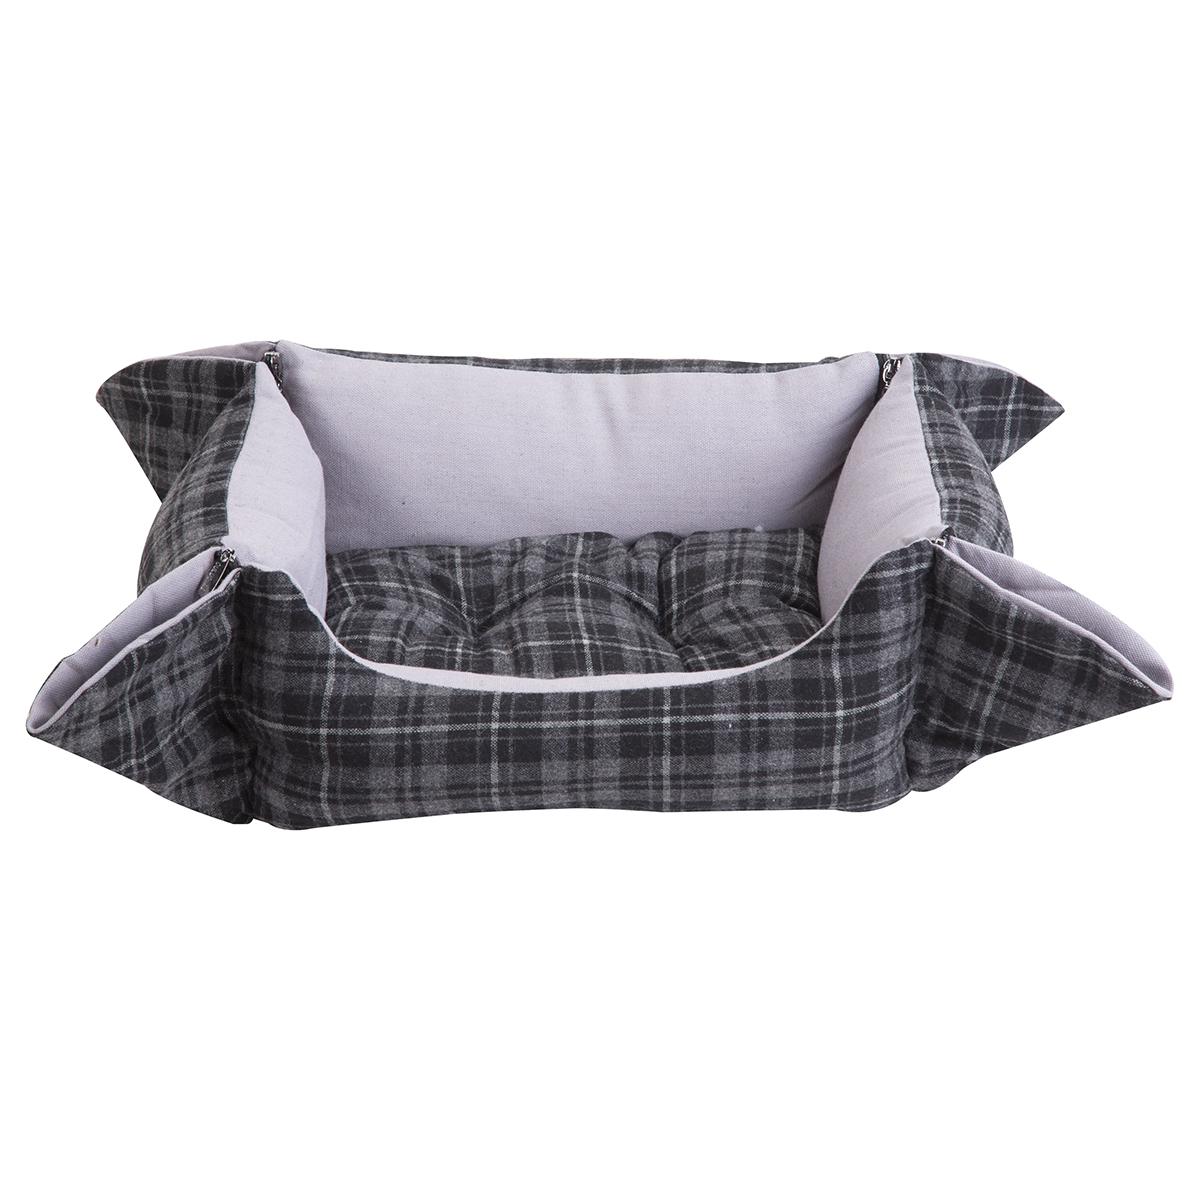 Panier style écossais gris avec fermeture éclair aux angles et coussin amovible 5